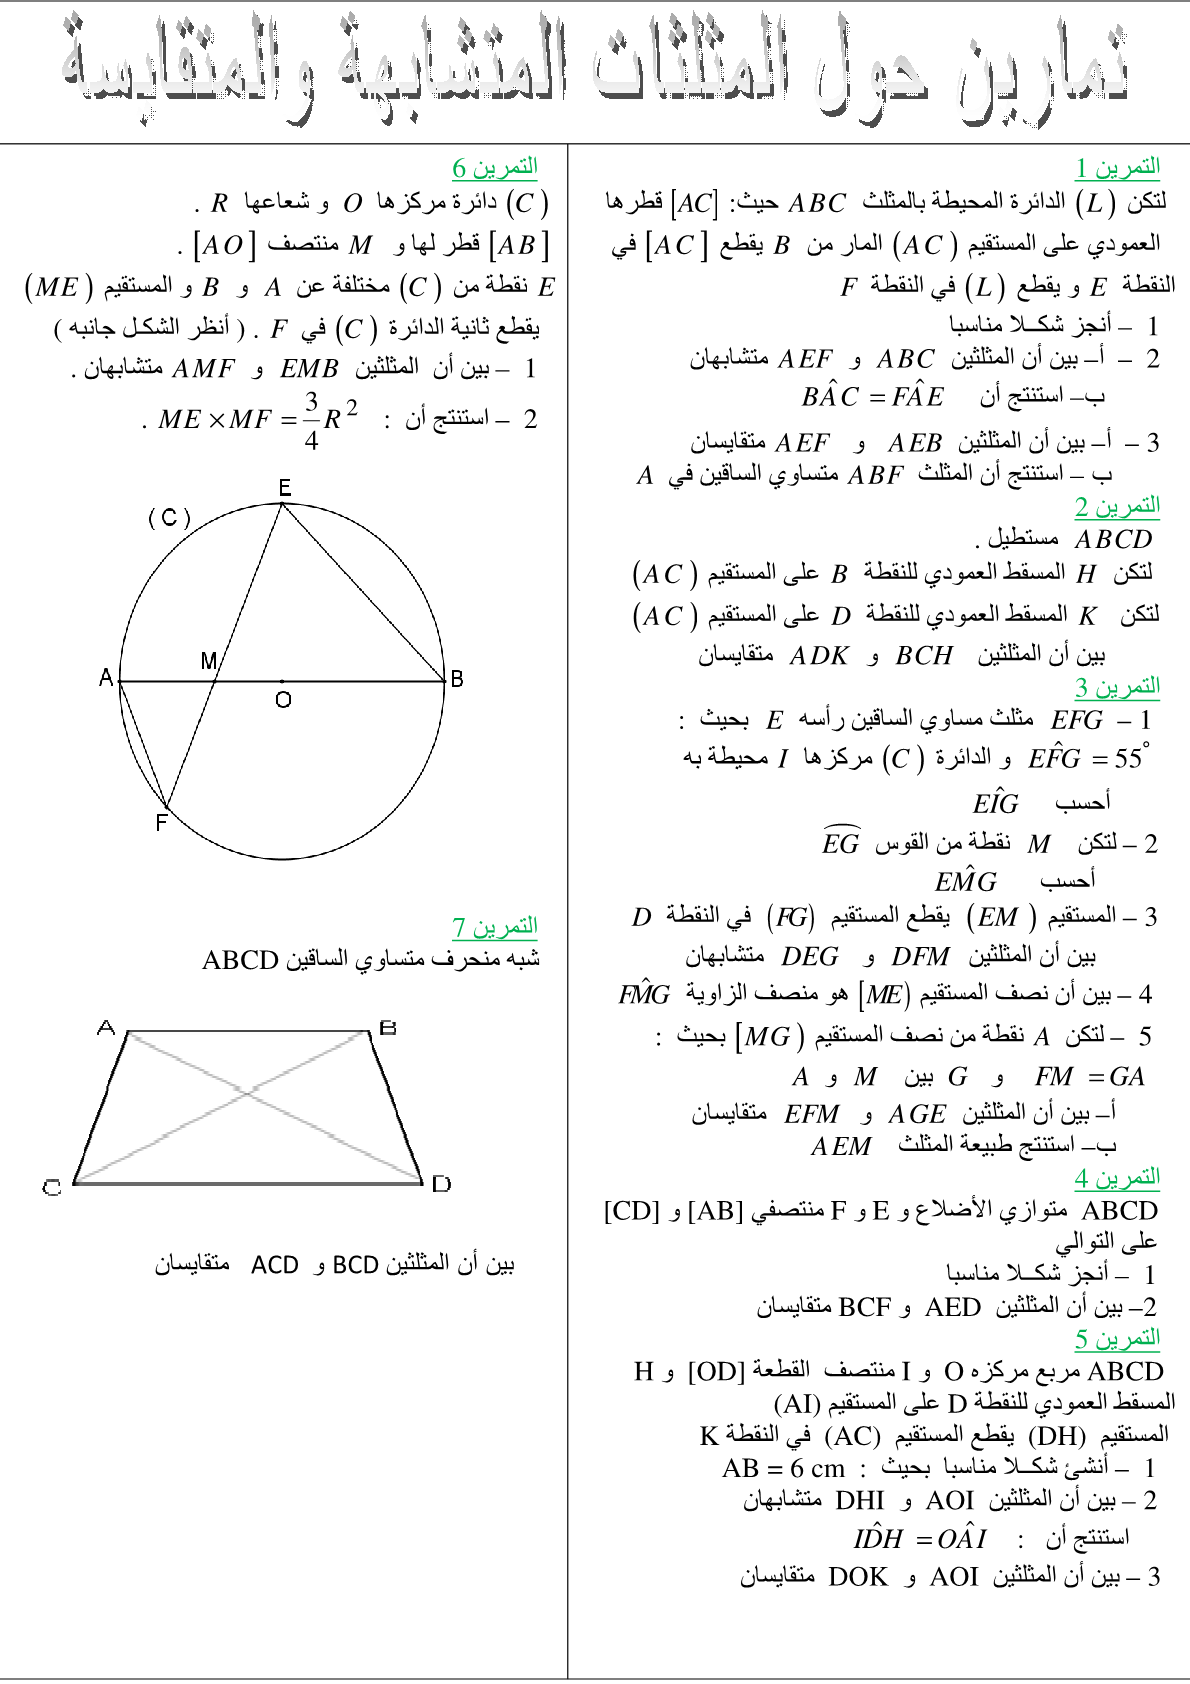 سلسلة تمارين في درس المثلثات المتقايسة للسنة الثالثة إعدادي